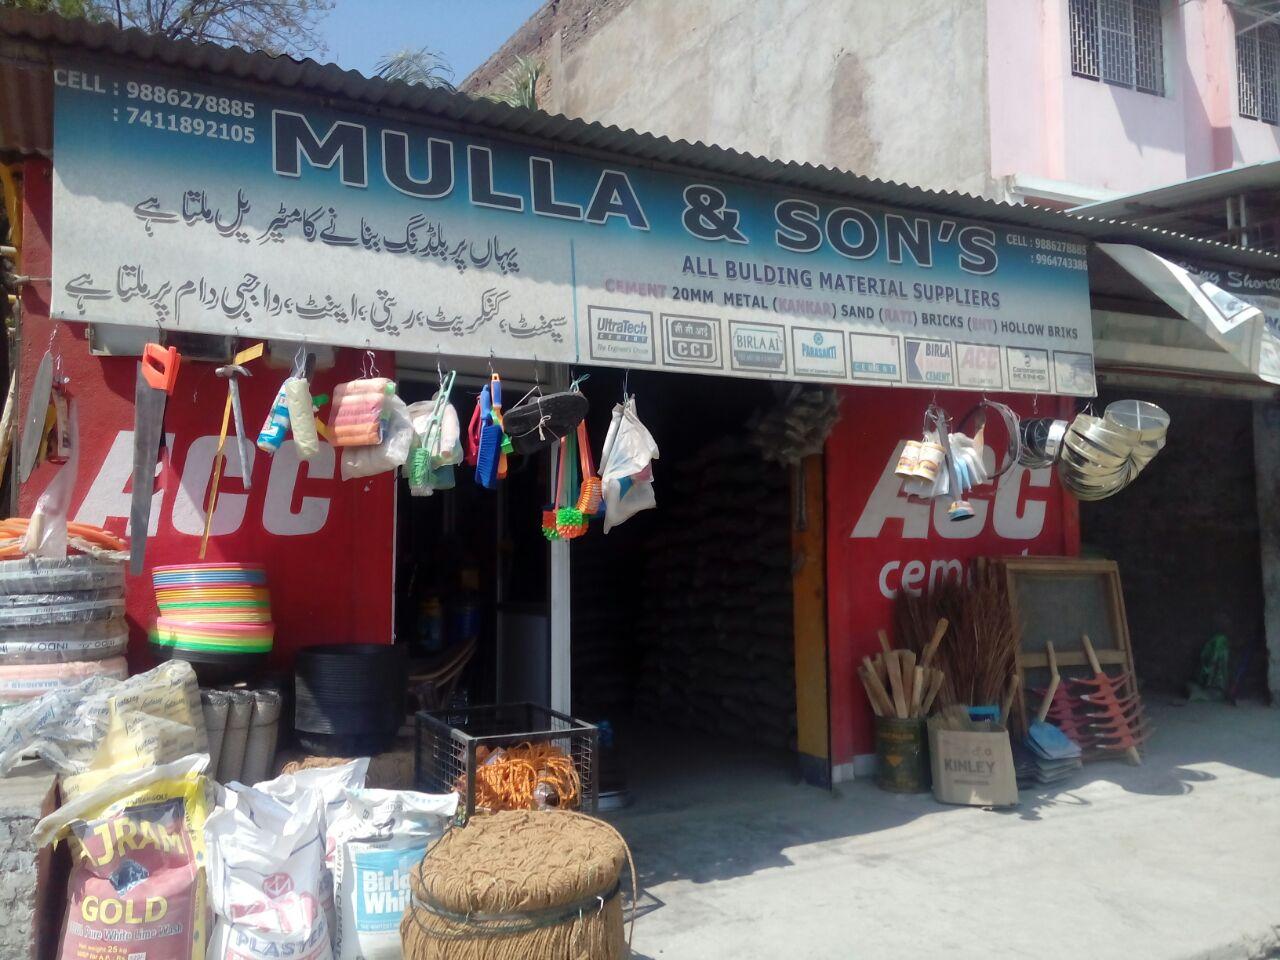 Mulla & Sons